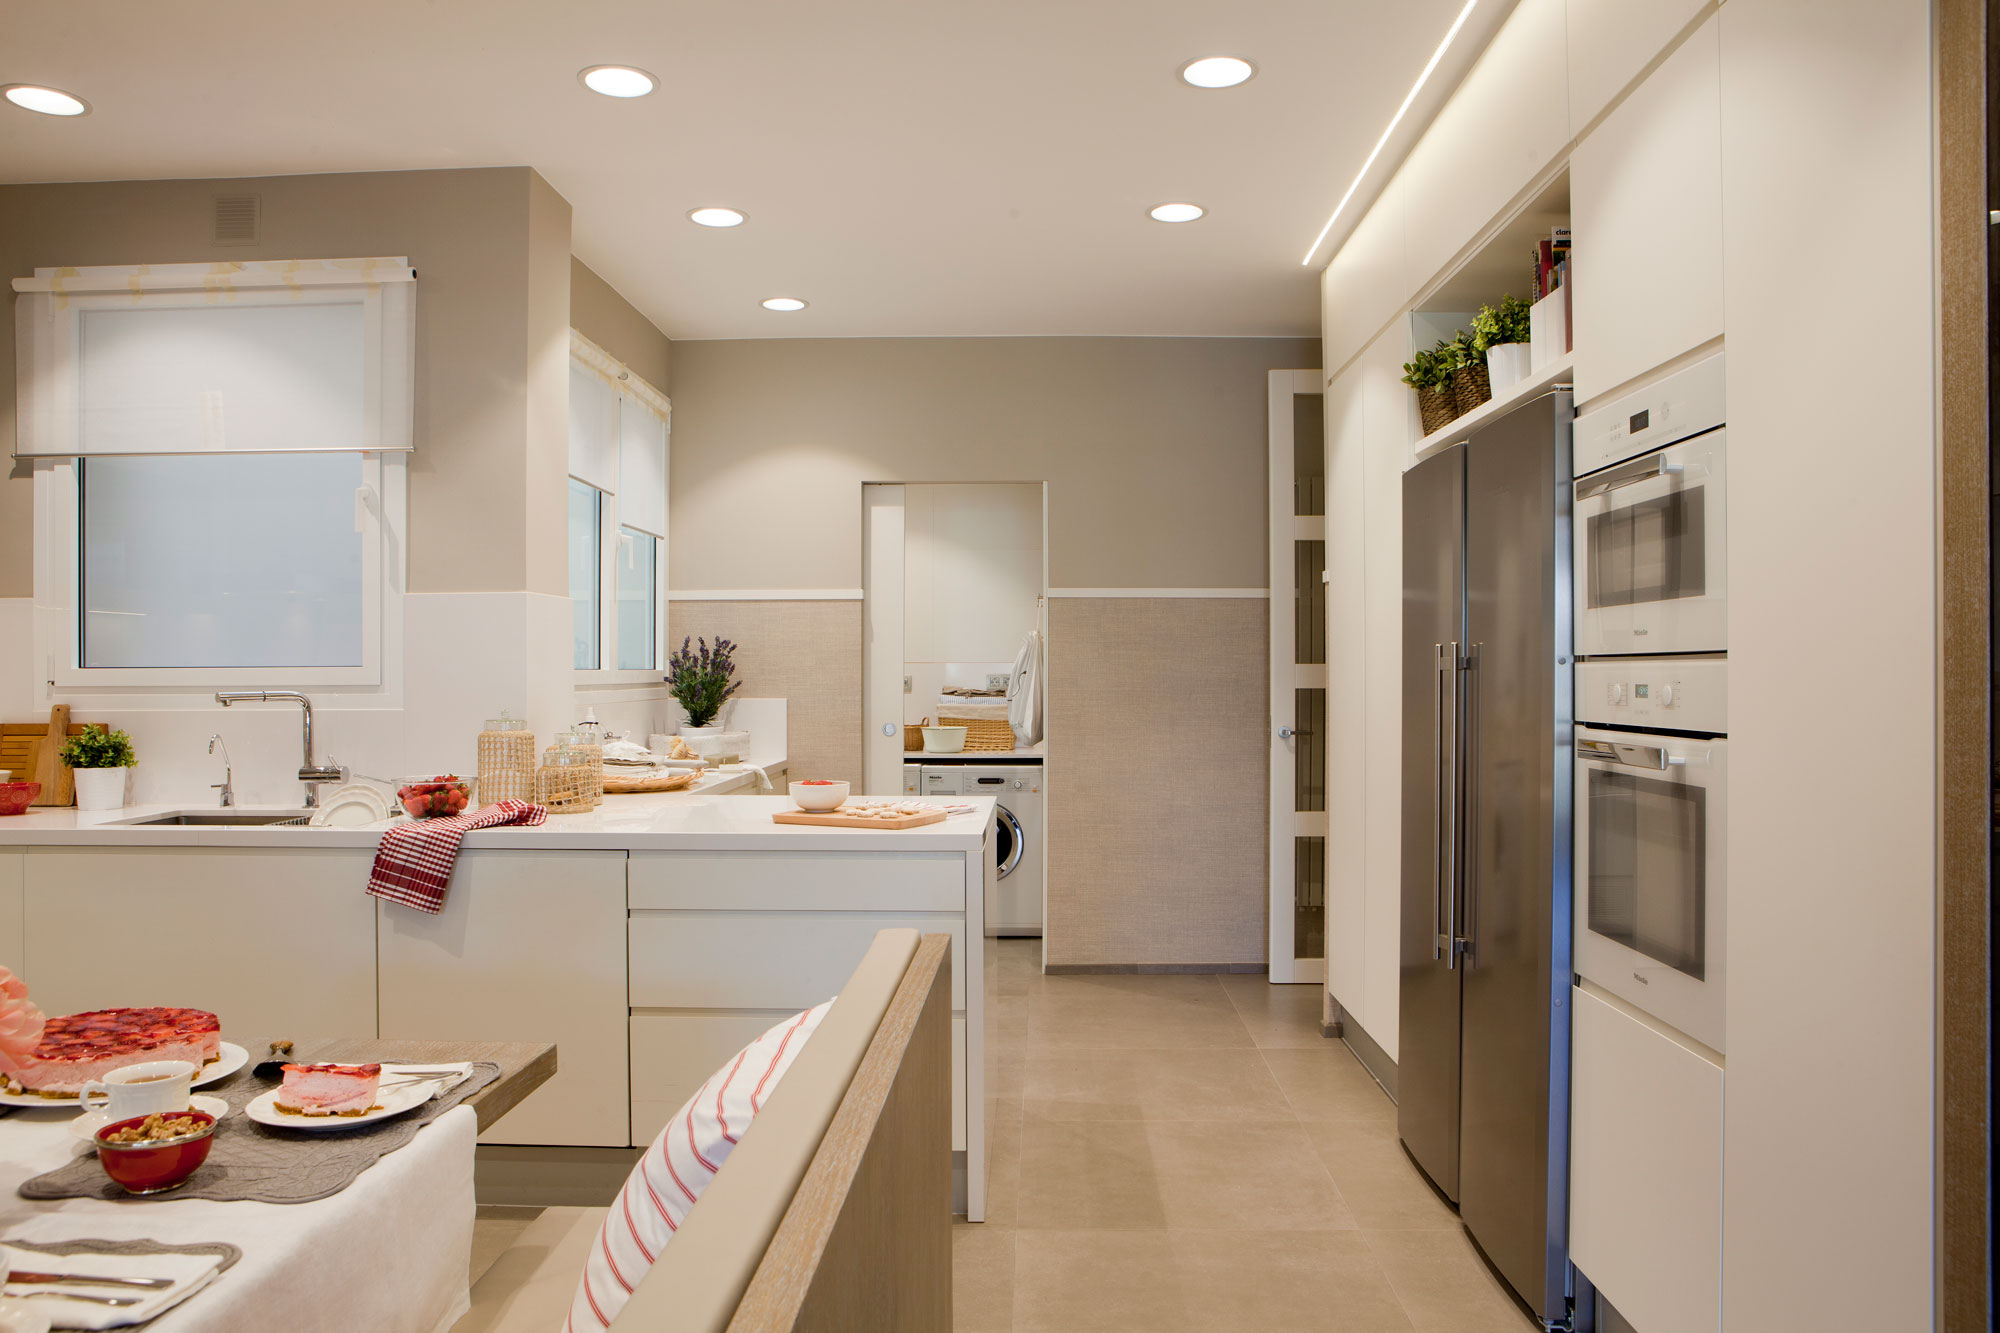 C mo iluminar tu casa sin cometer los errores m s habituales - Apliques de cocina ...